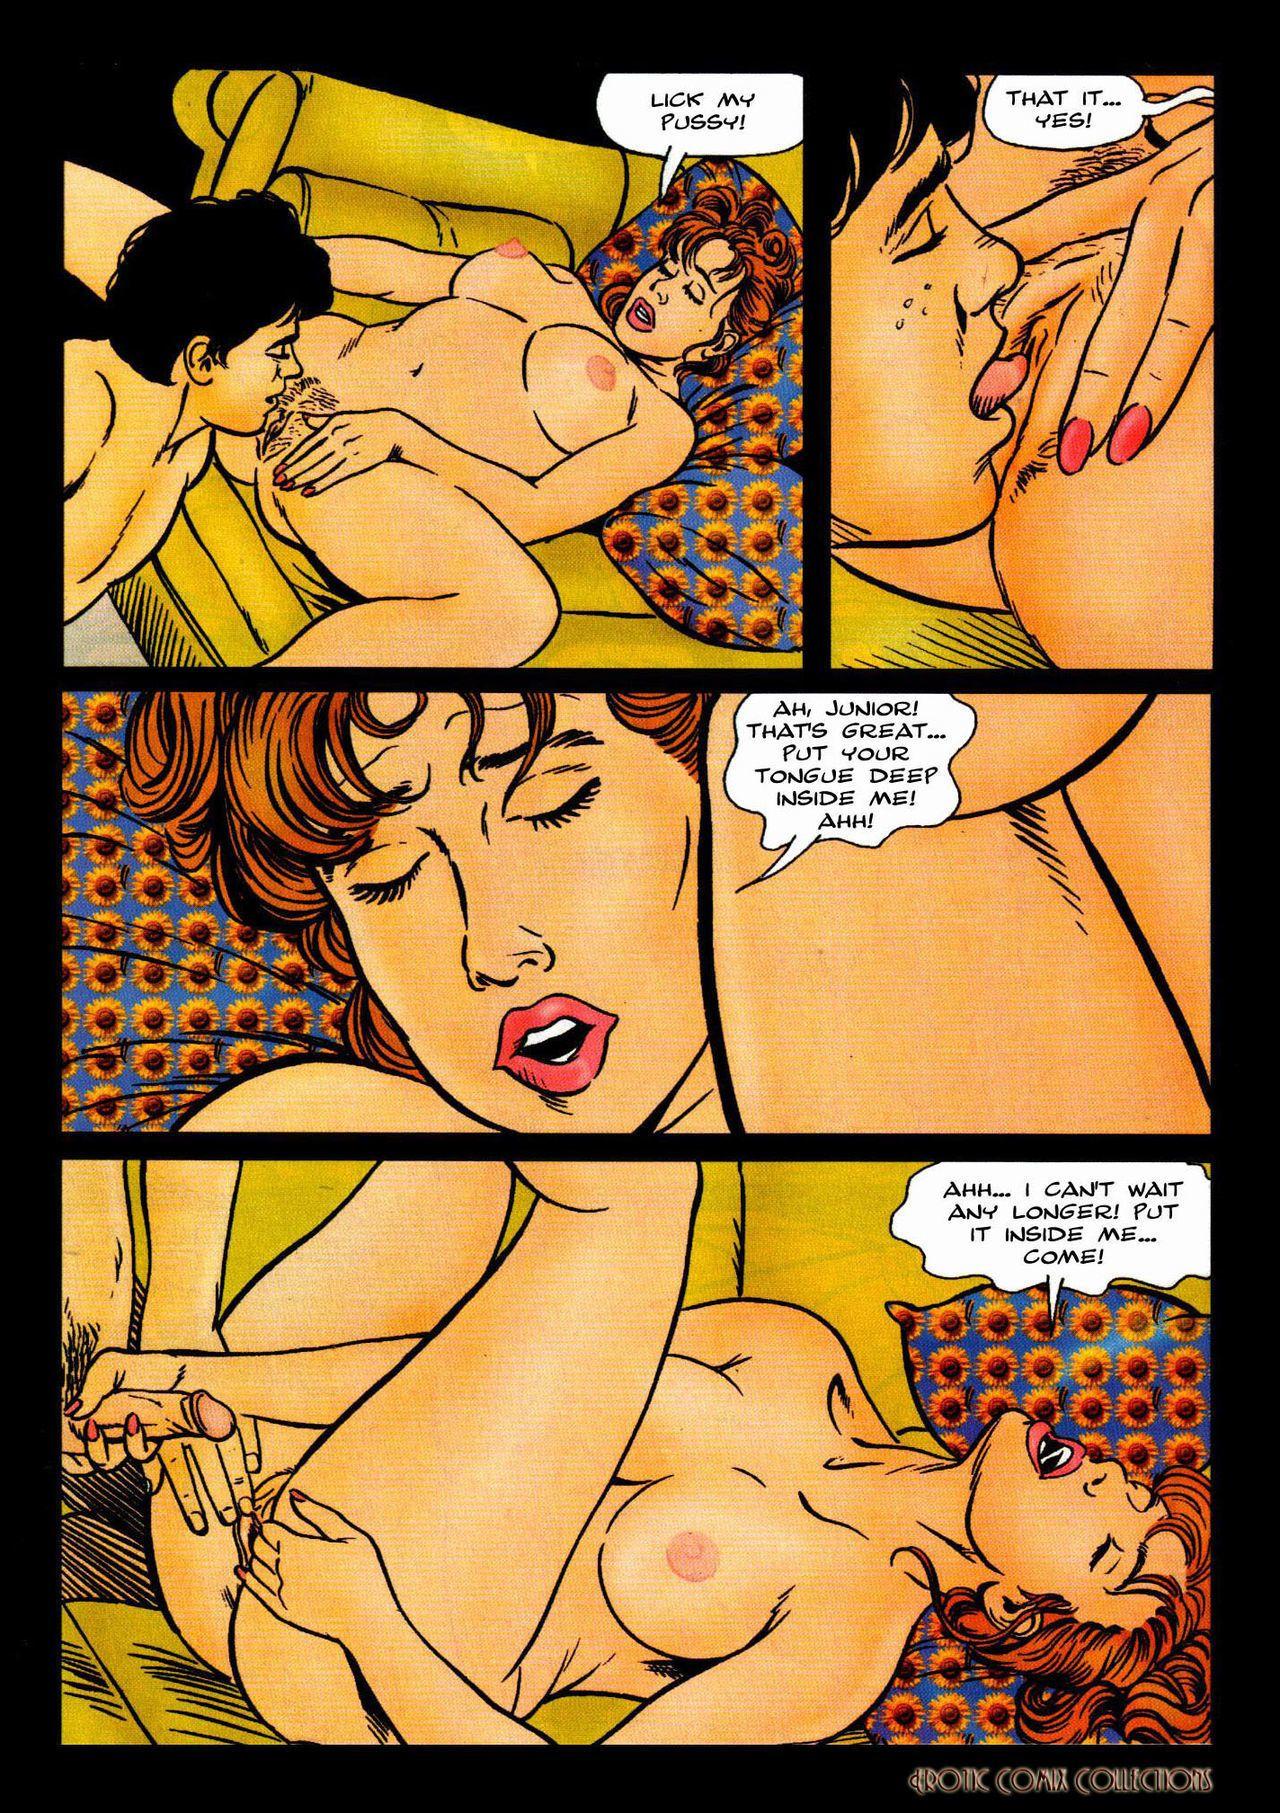 Сообщение Оппа. тетя алиса порно это ценная